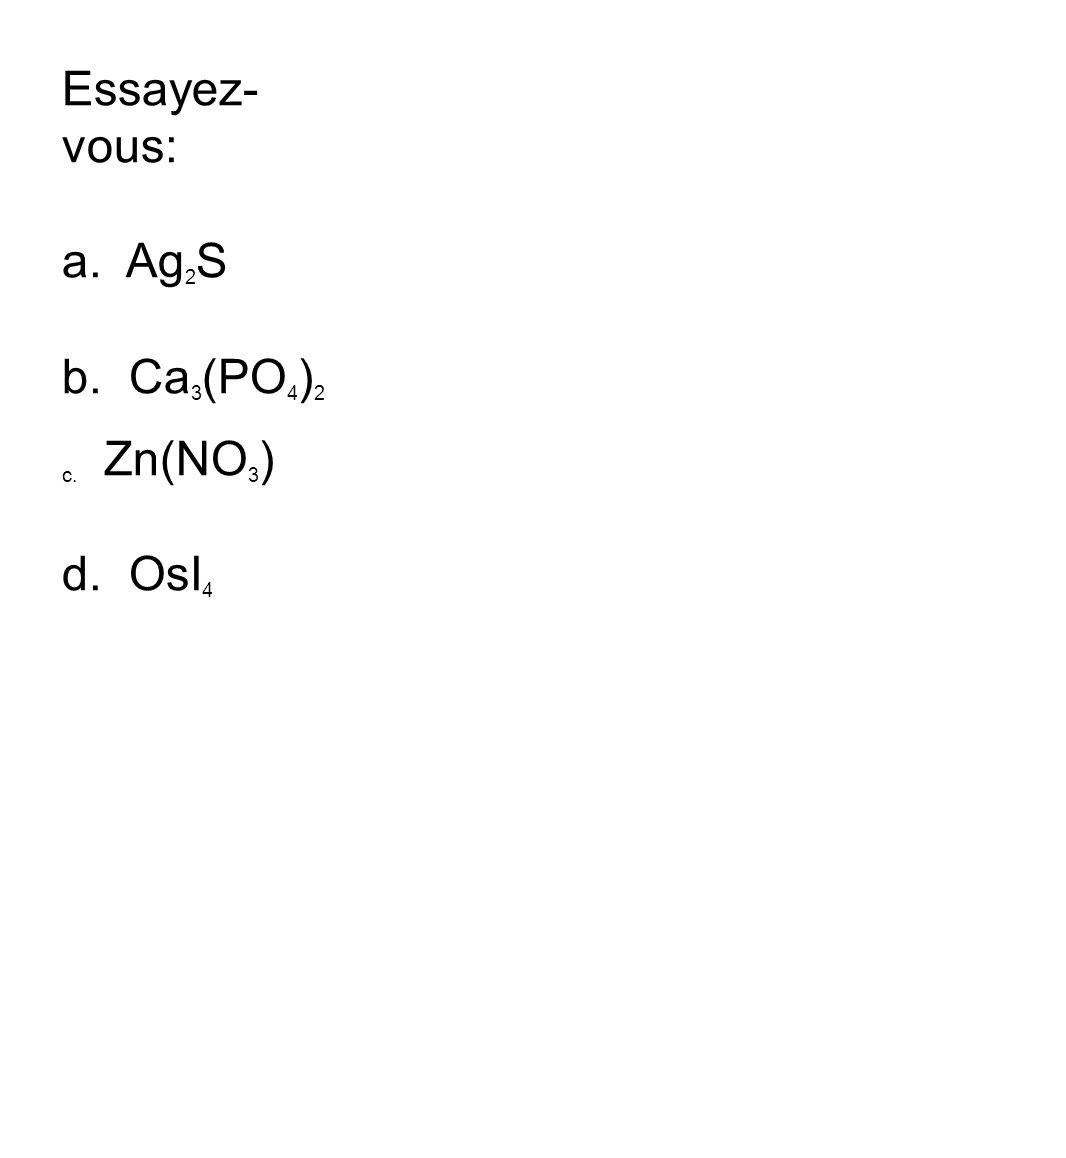 Essayez-vous: a. Ag2S b. Ca3(PO4)2 c. Zn(NO3) d. OsI4